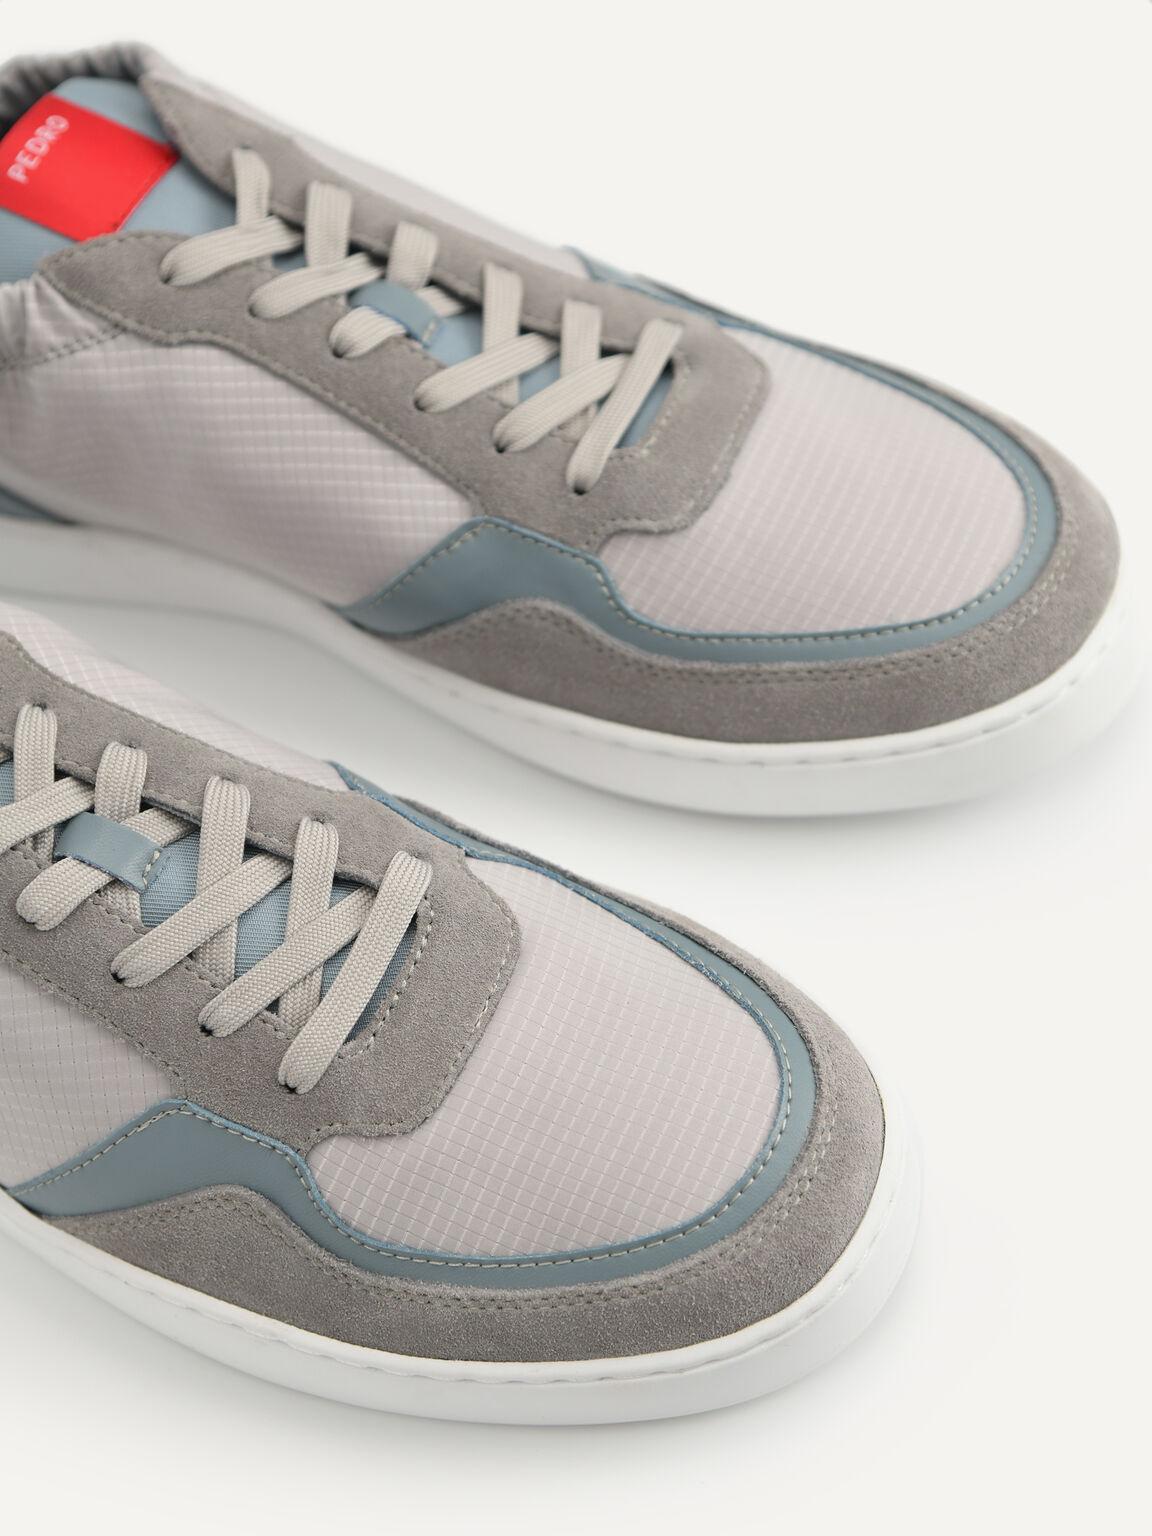 Suede Sneakers, Light Grey, hi-res